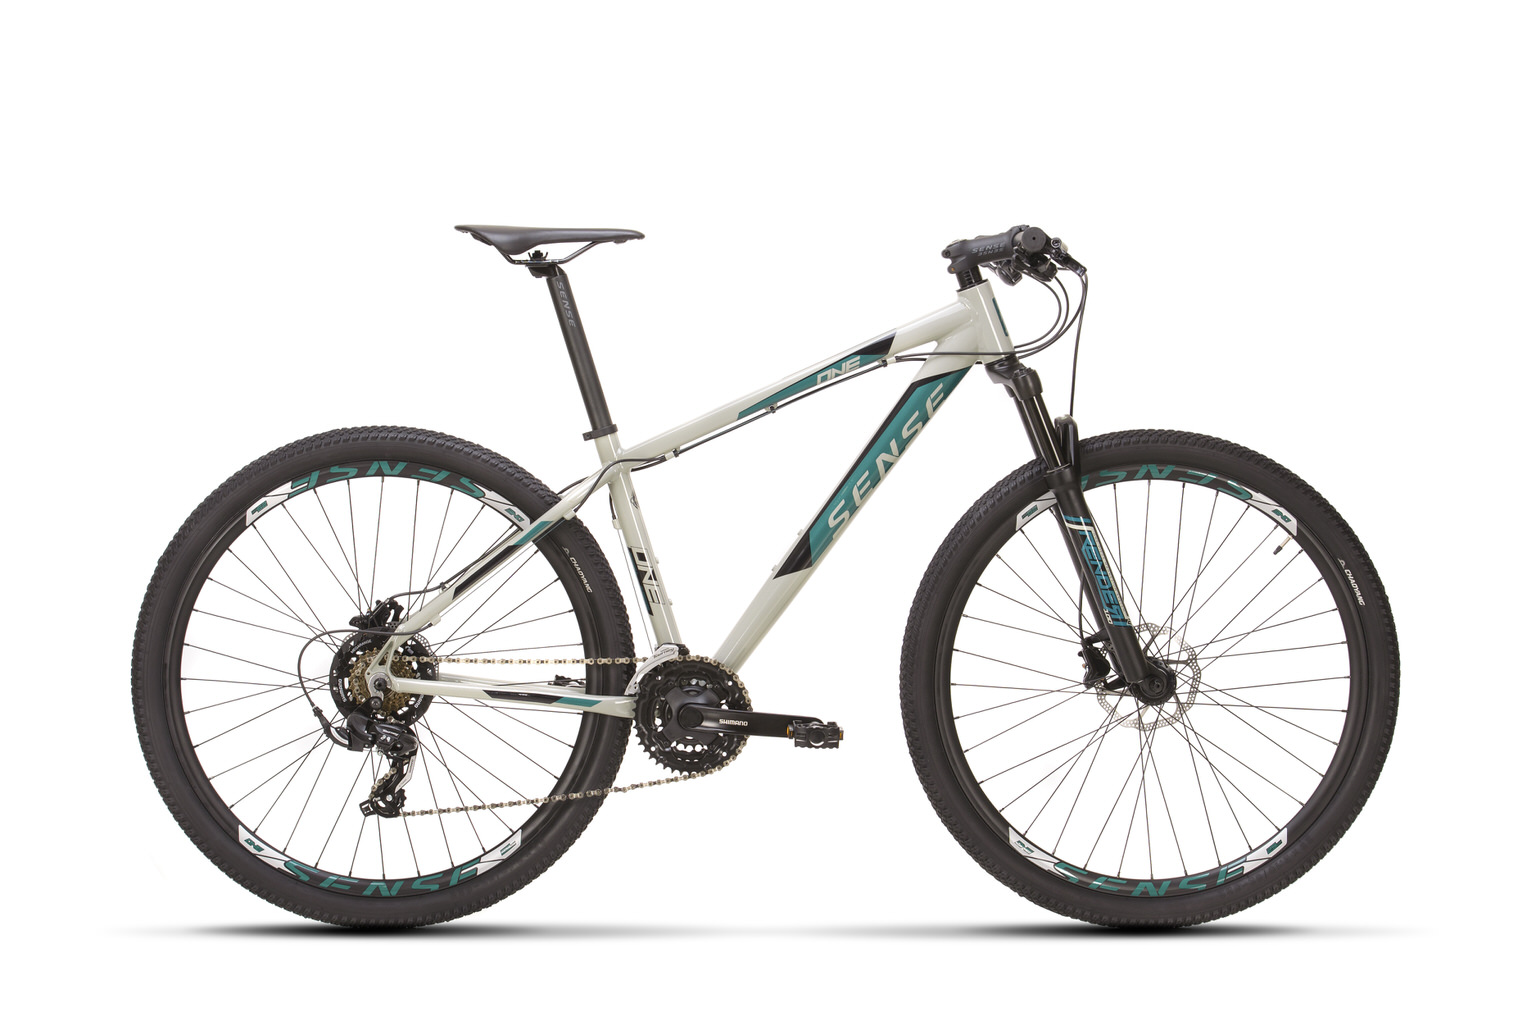 Bicicleta Sense One 2021/22 CZA/AQUA TAM L